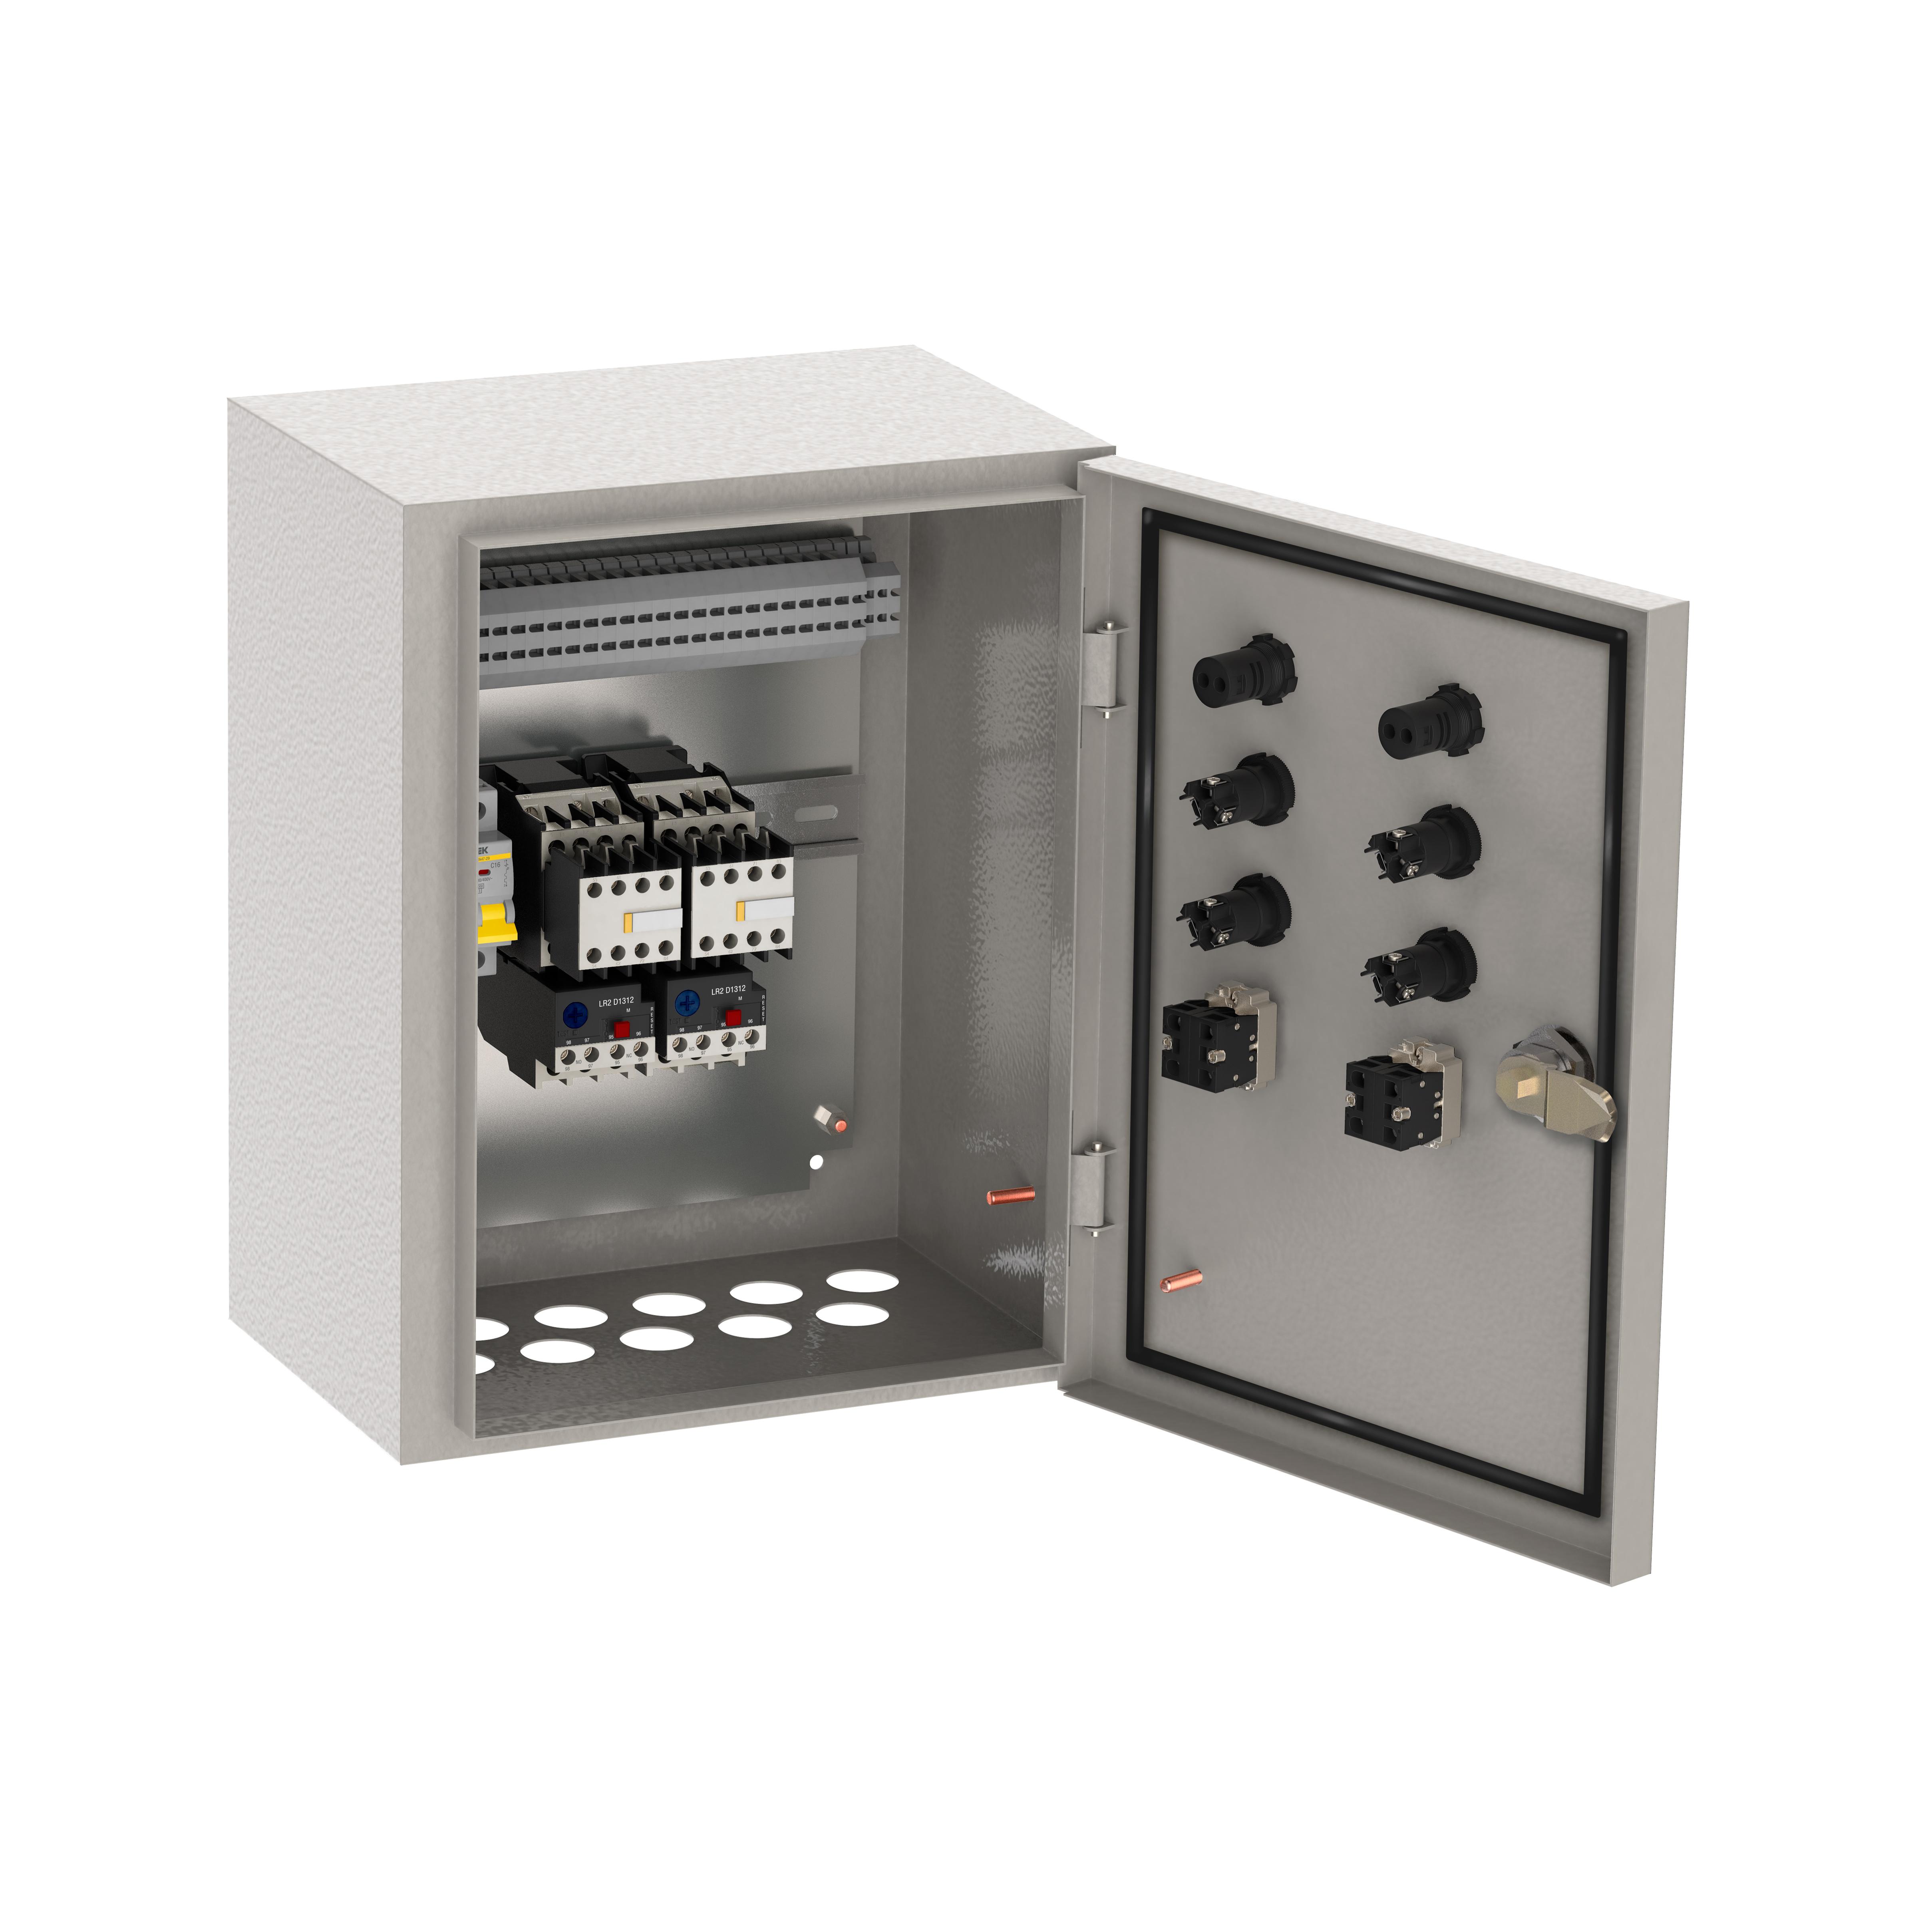 Ящик управления РУСМ5119-2474 нереверсивный 3 фидера автоматический выключатель на каждый фидер с переключателем на автоматический режим 2,5А IP54 IEK